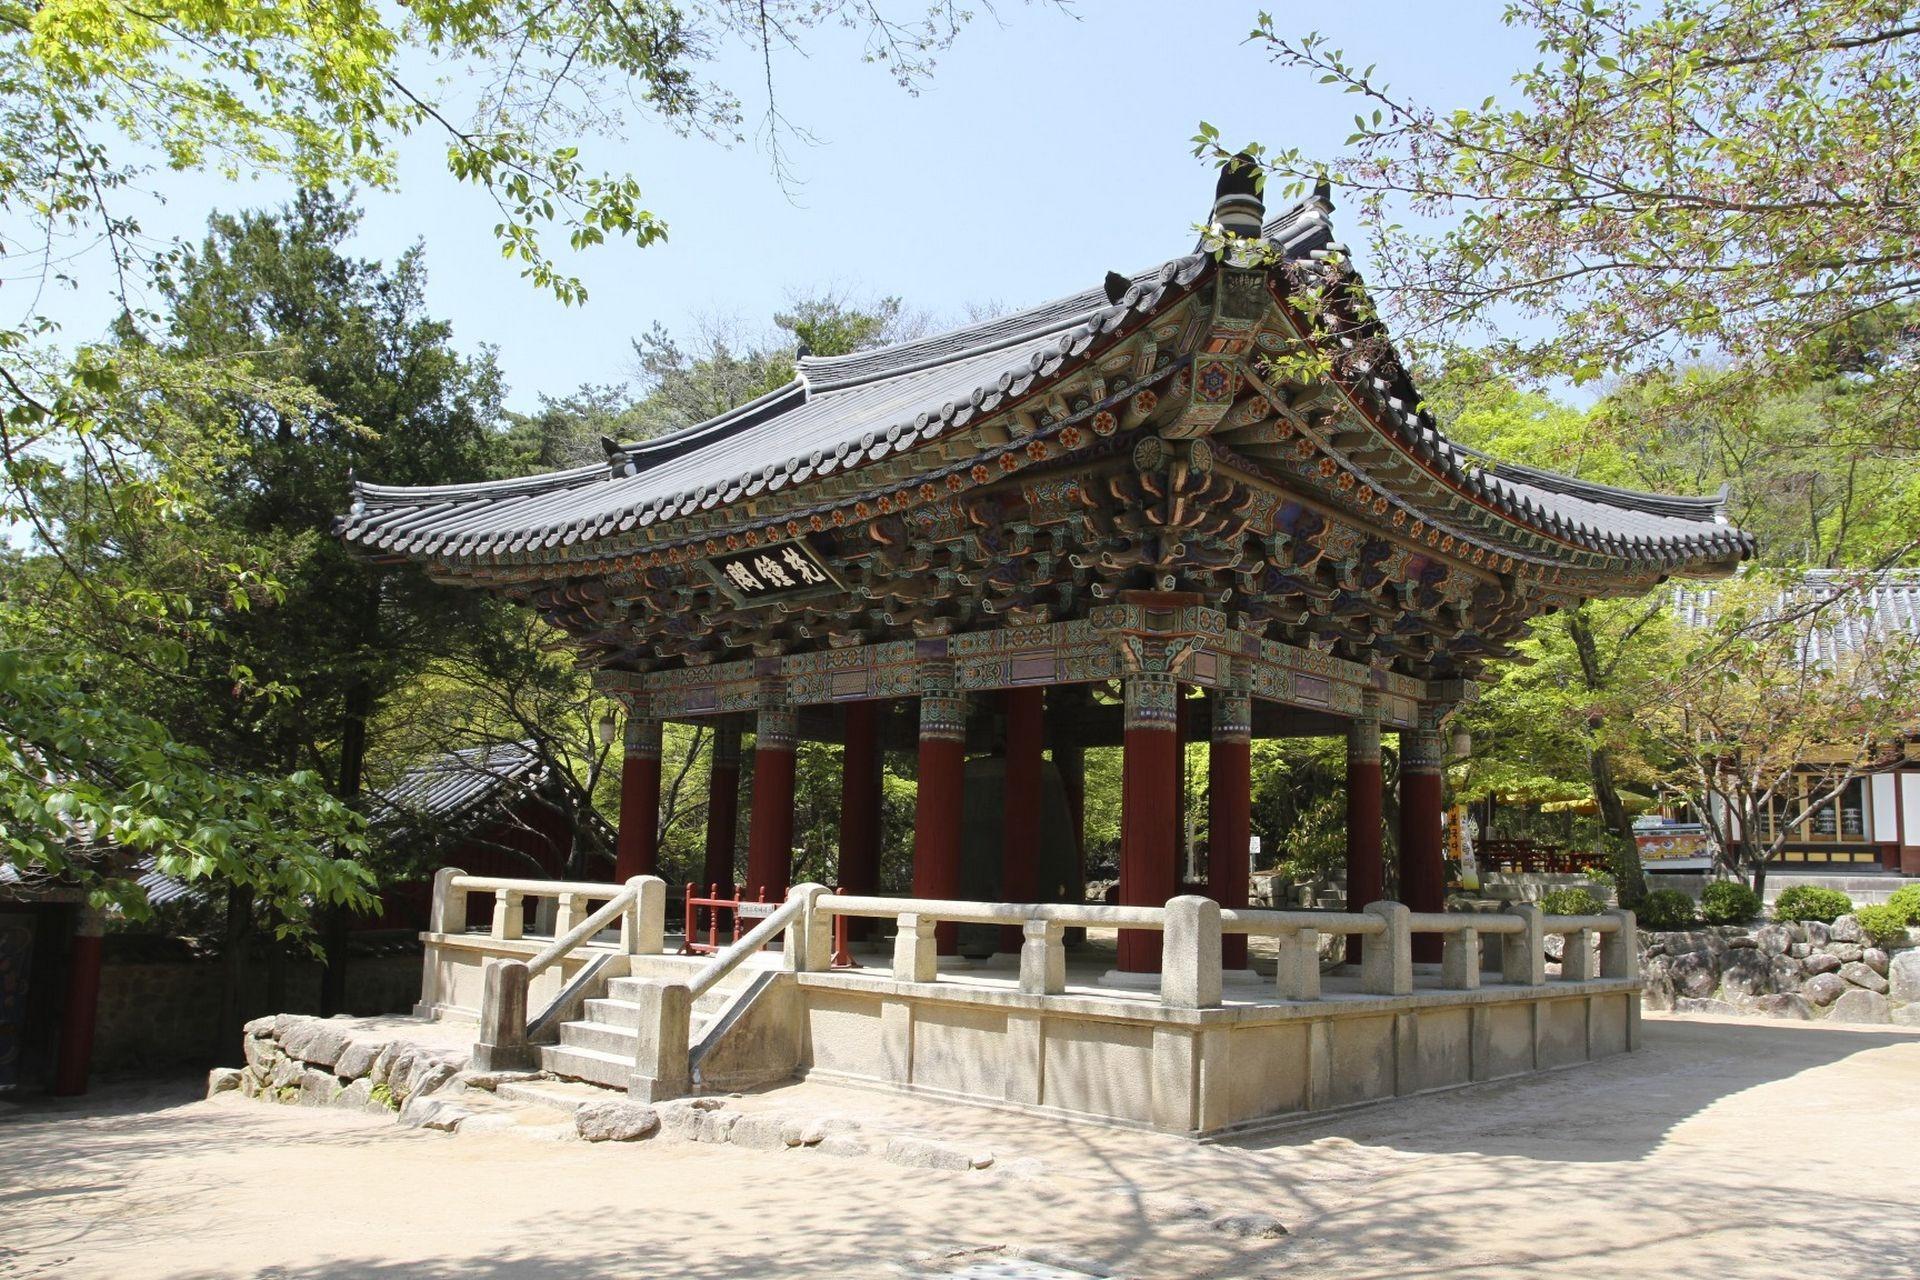 wyprawy-Korea-Świątynia-Bulguksa-Gyeongju